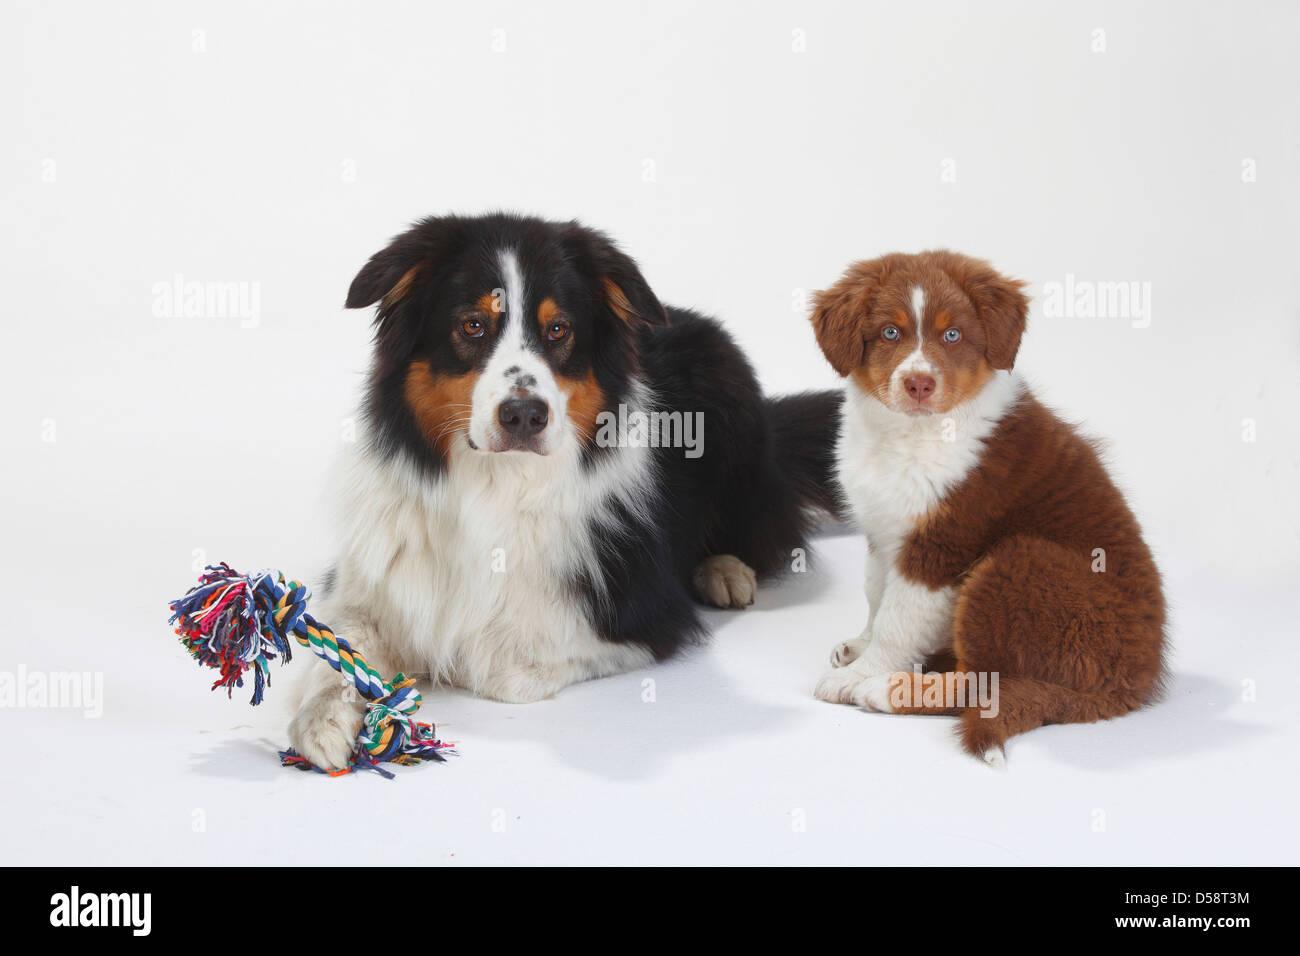 Australian Shepherd Black Tri With Puppy Red Tri 9 Weeks Toy Stock Photo Alamy